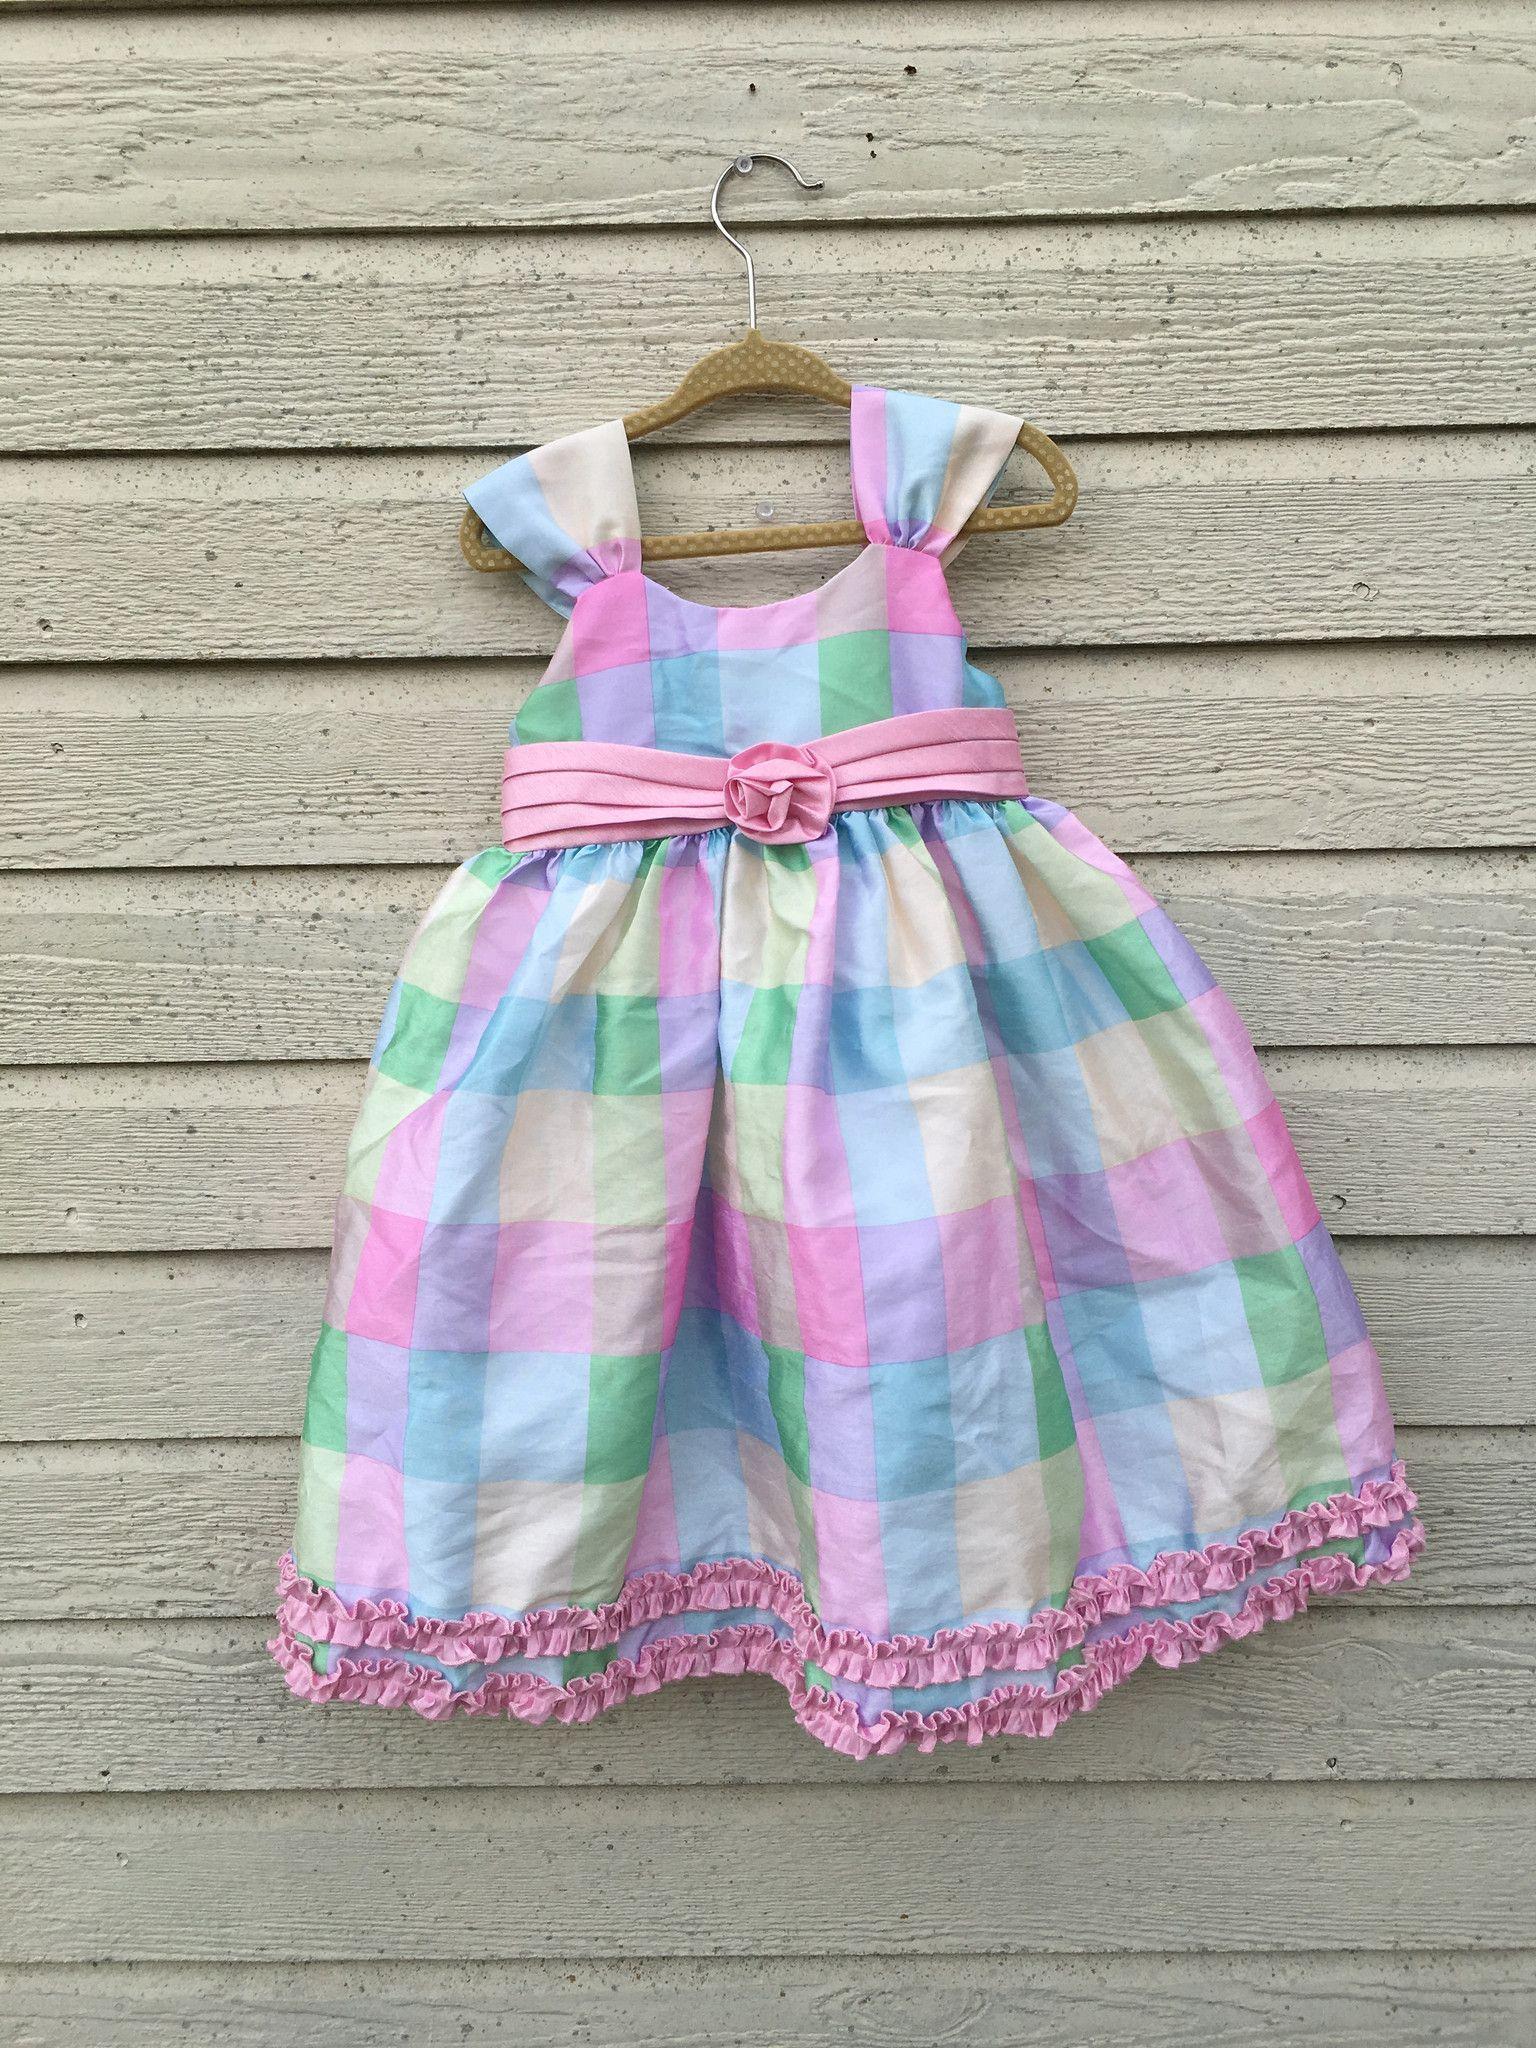 Marmellata Pastel Plaid Dress 3t 3t Dress Plaid Dress Dresses [ 2048 x 1536 Pixel ]